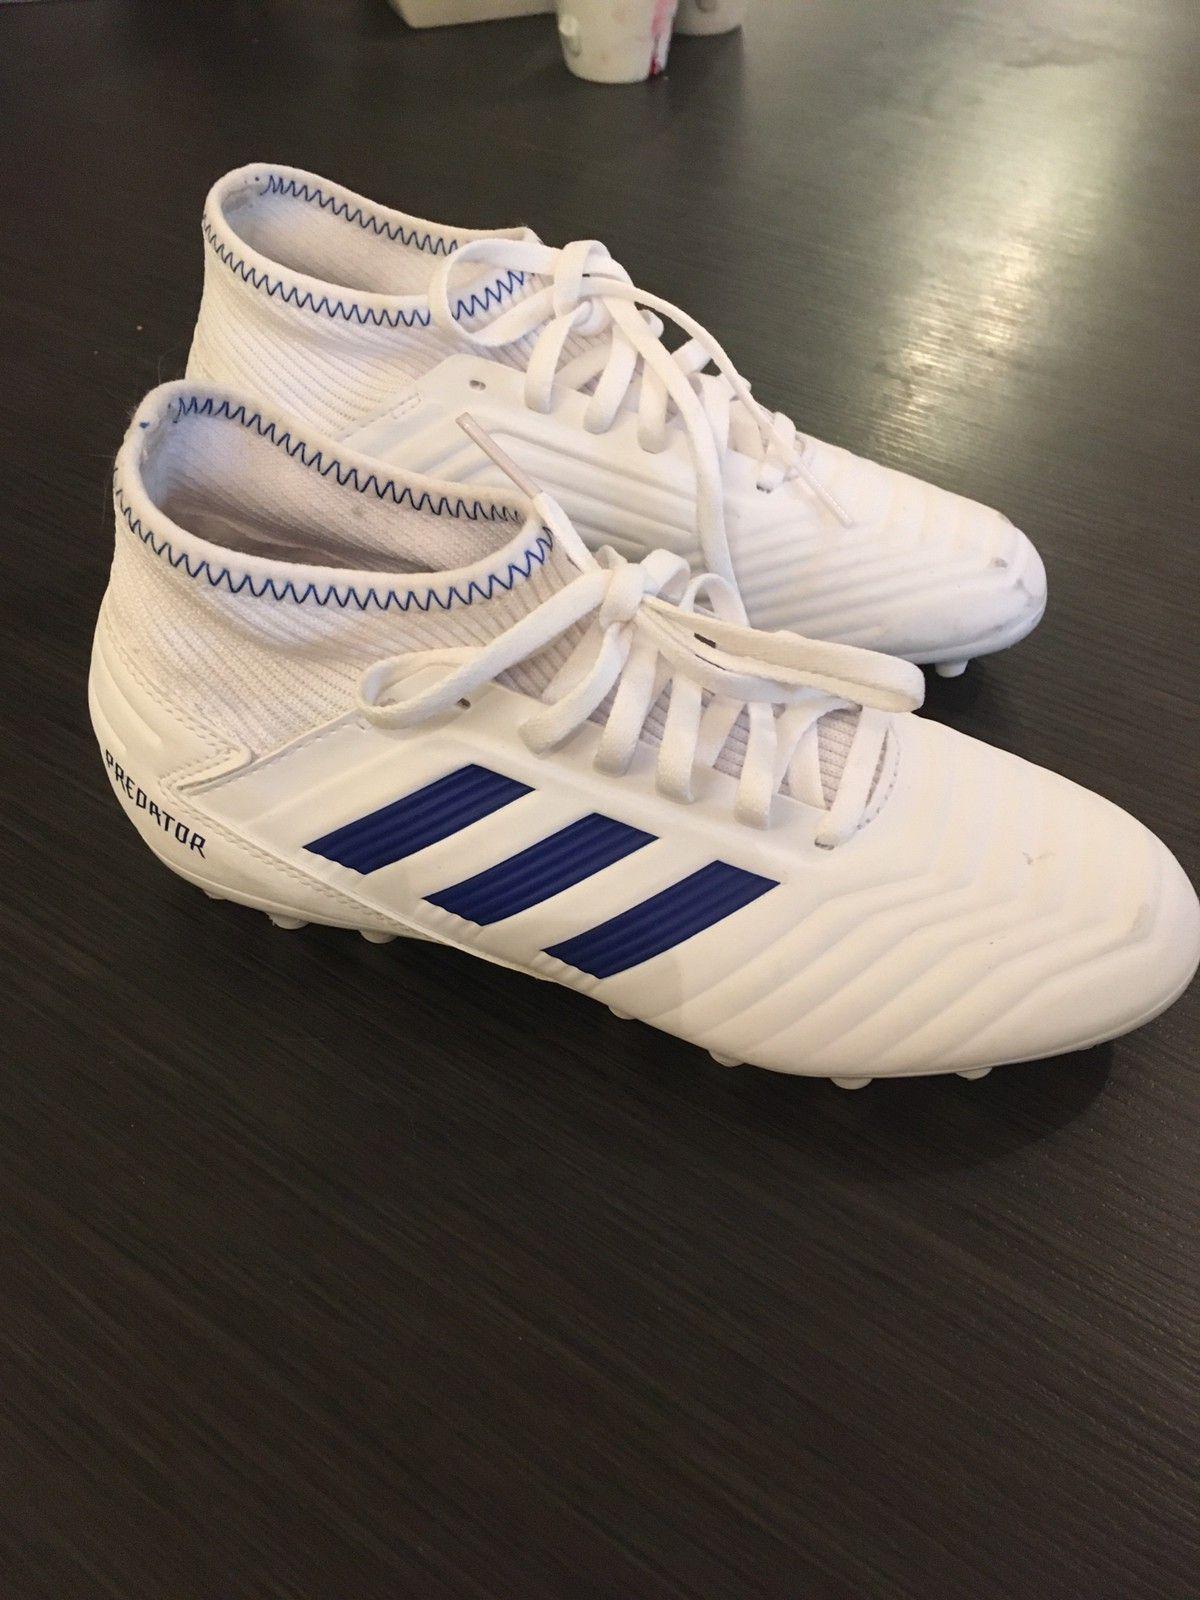 Adidas løpesko str 36 23 selges | FINN.no